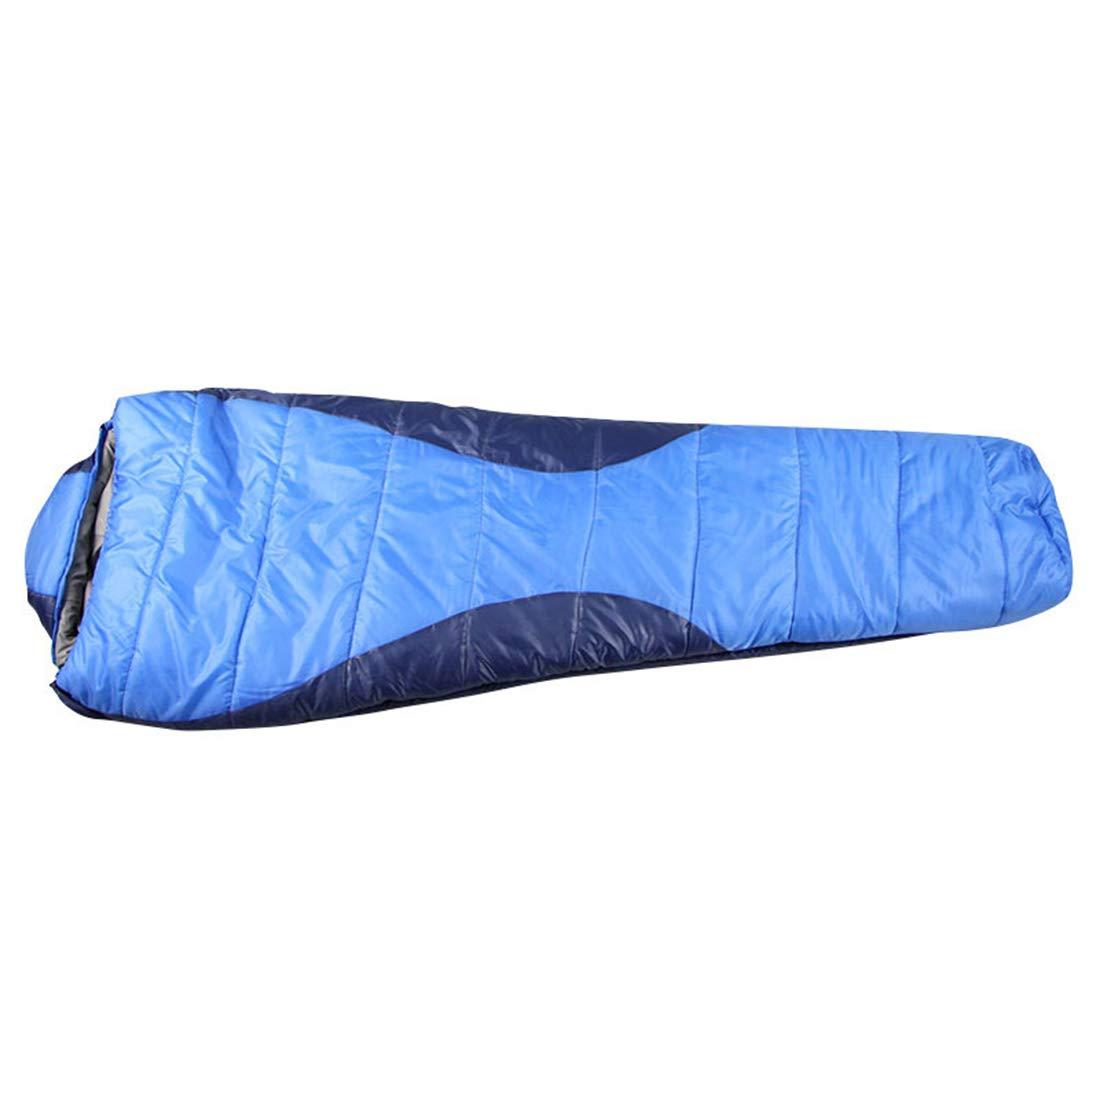 UICICI Camping Mummified Schlafsack mit Kragen Leichter, tragbarer, wasserdichter Komfort mit Kompressionssack - ideal für 2 Jahreszeiten beim Wandern und Wandern im Freien